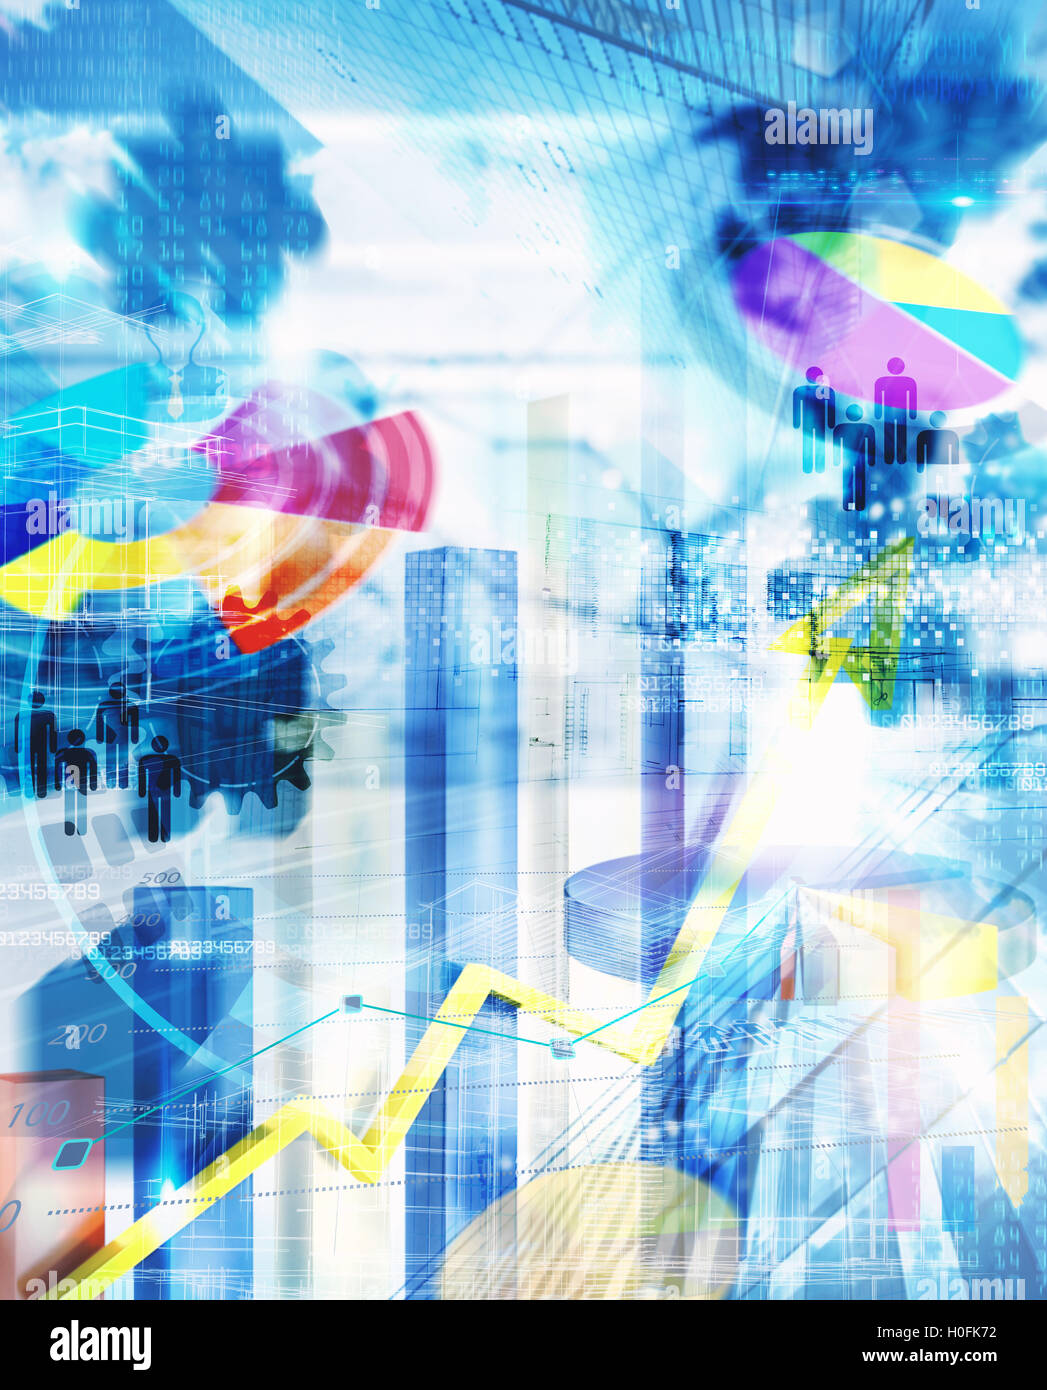 Business market analysis background - Stock Image